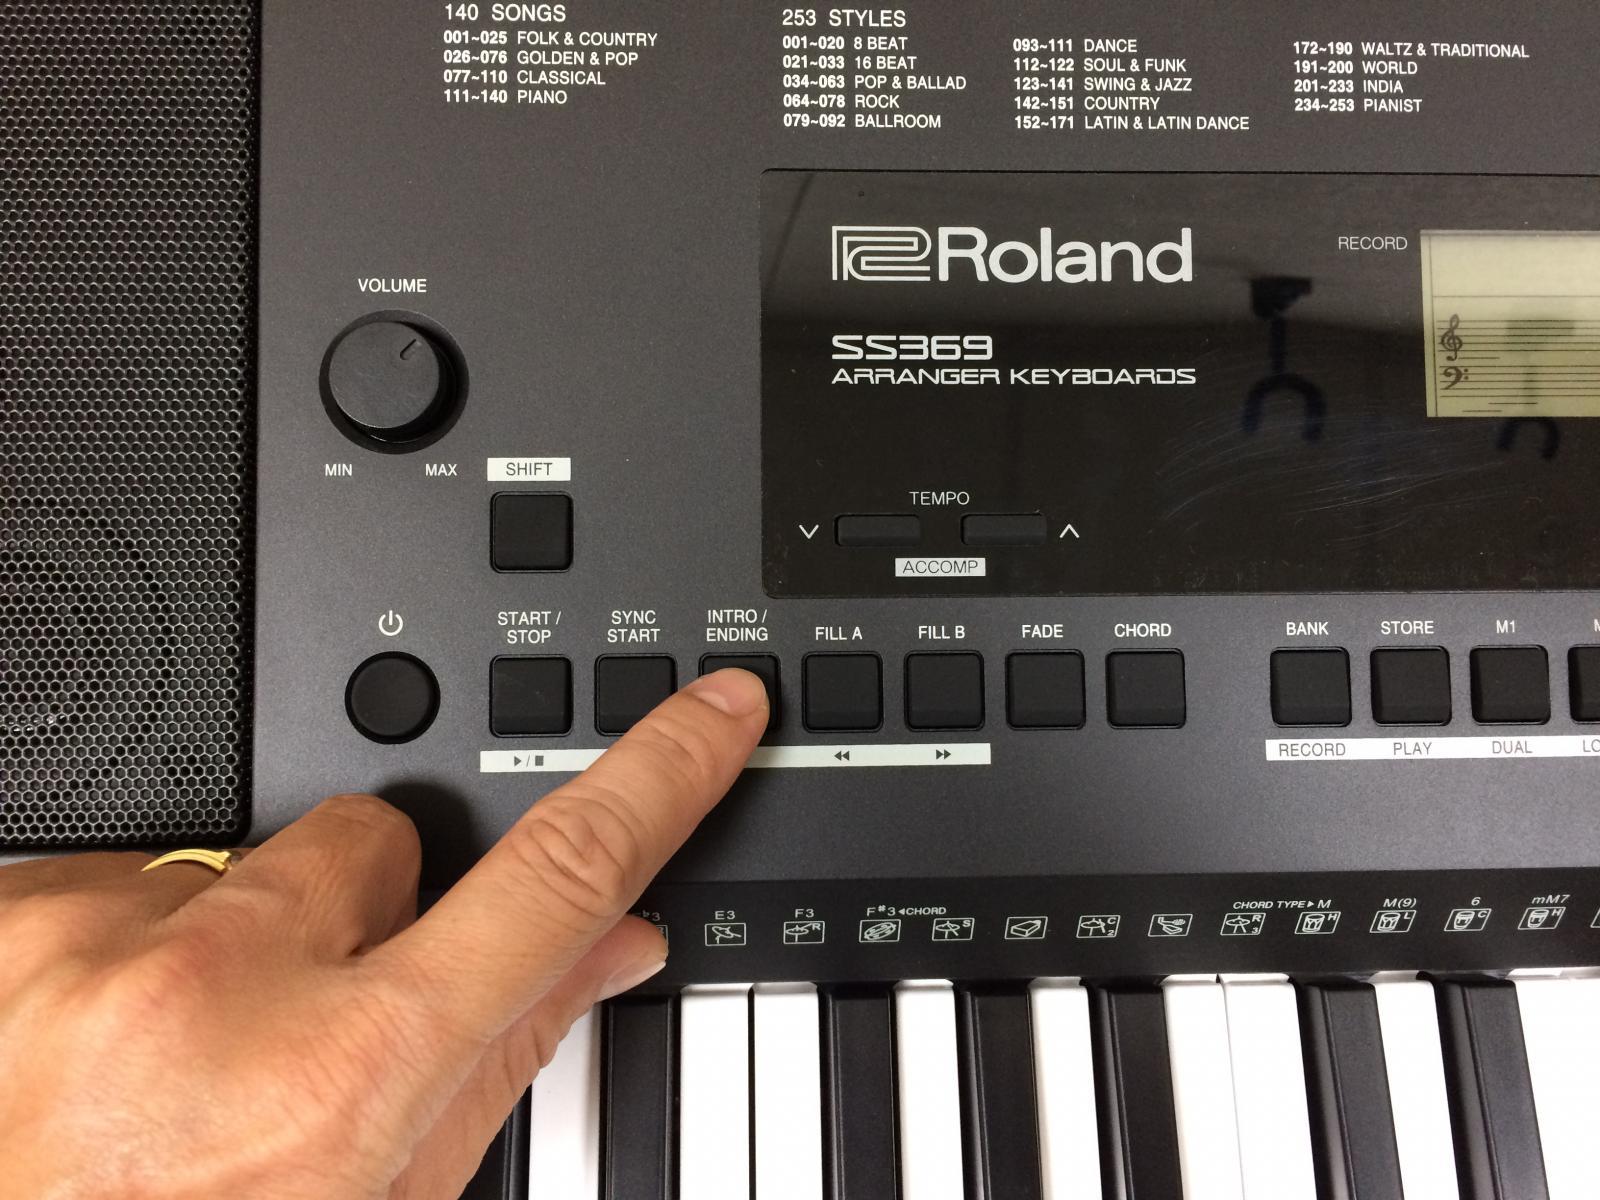 5 Sử dụng các nút chức năng khác Nếu sử dụng INTRO của giai điệu thì chúng ta bấm INTRO trước sau đó mới bấm hợp âm cho giai điệu chạy. Nếu sử dụng ENDING thì trong lúc giai điệu đang chạy chúng ta bấm vào INTRO/ENDING